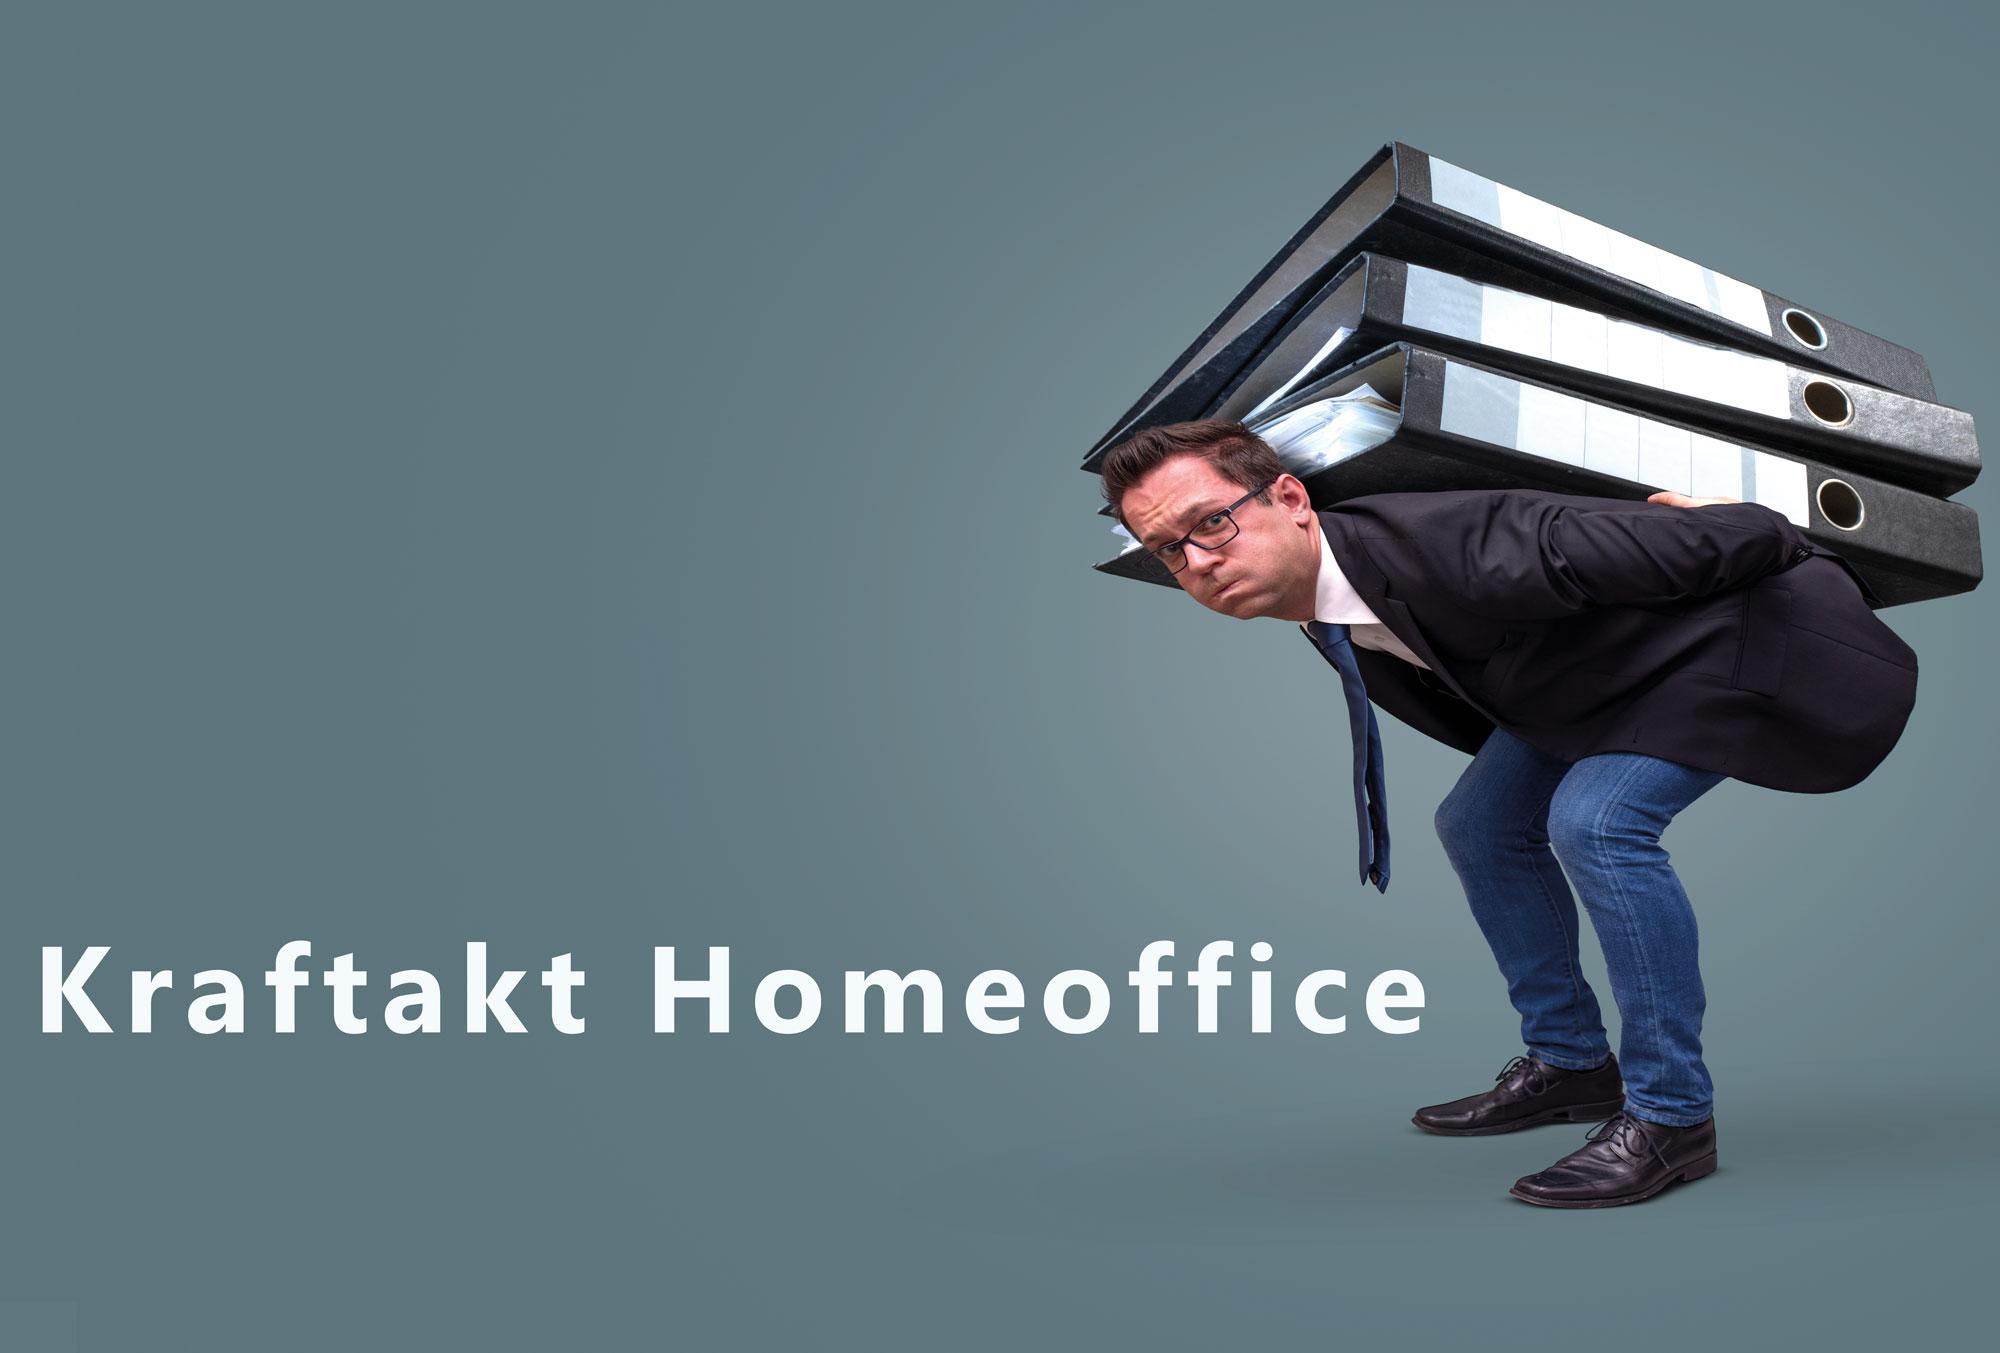 ©AdobeStock Stockwerk-Fotodesign